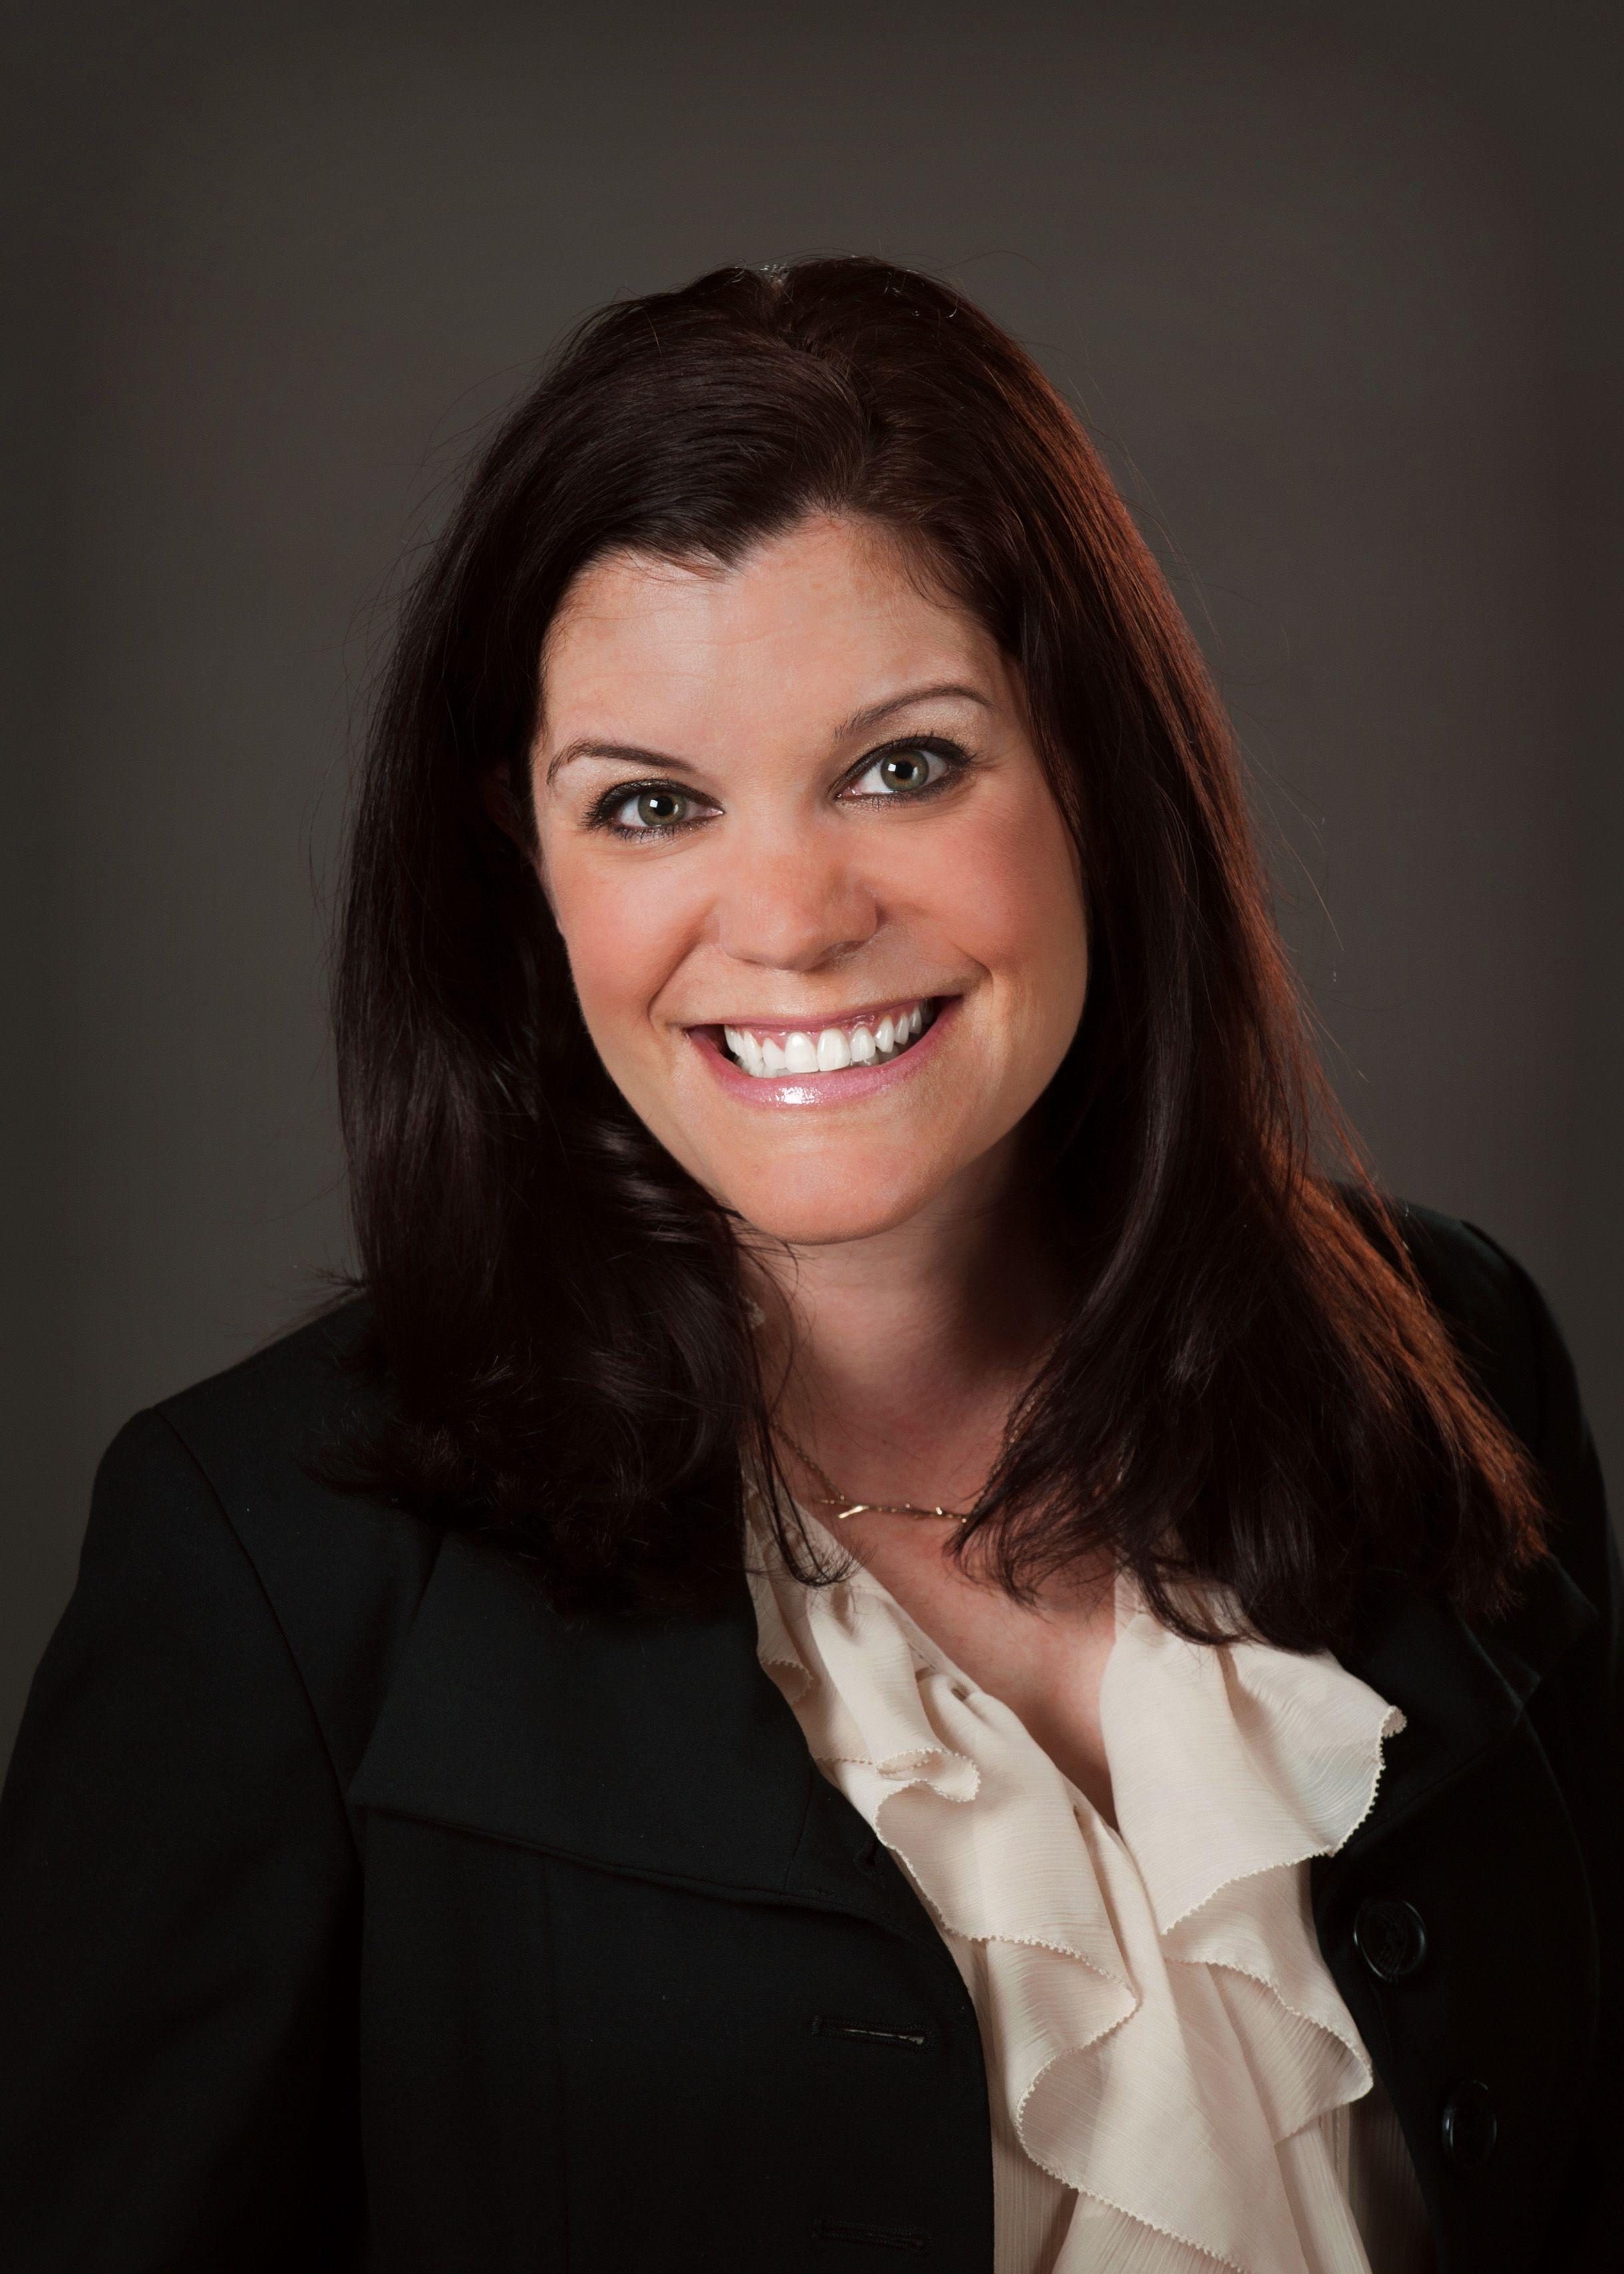 Denise Alpert